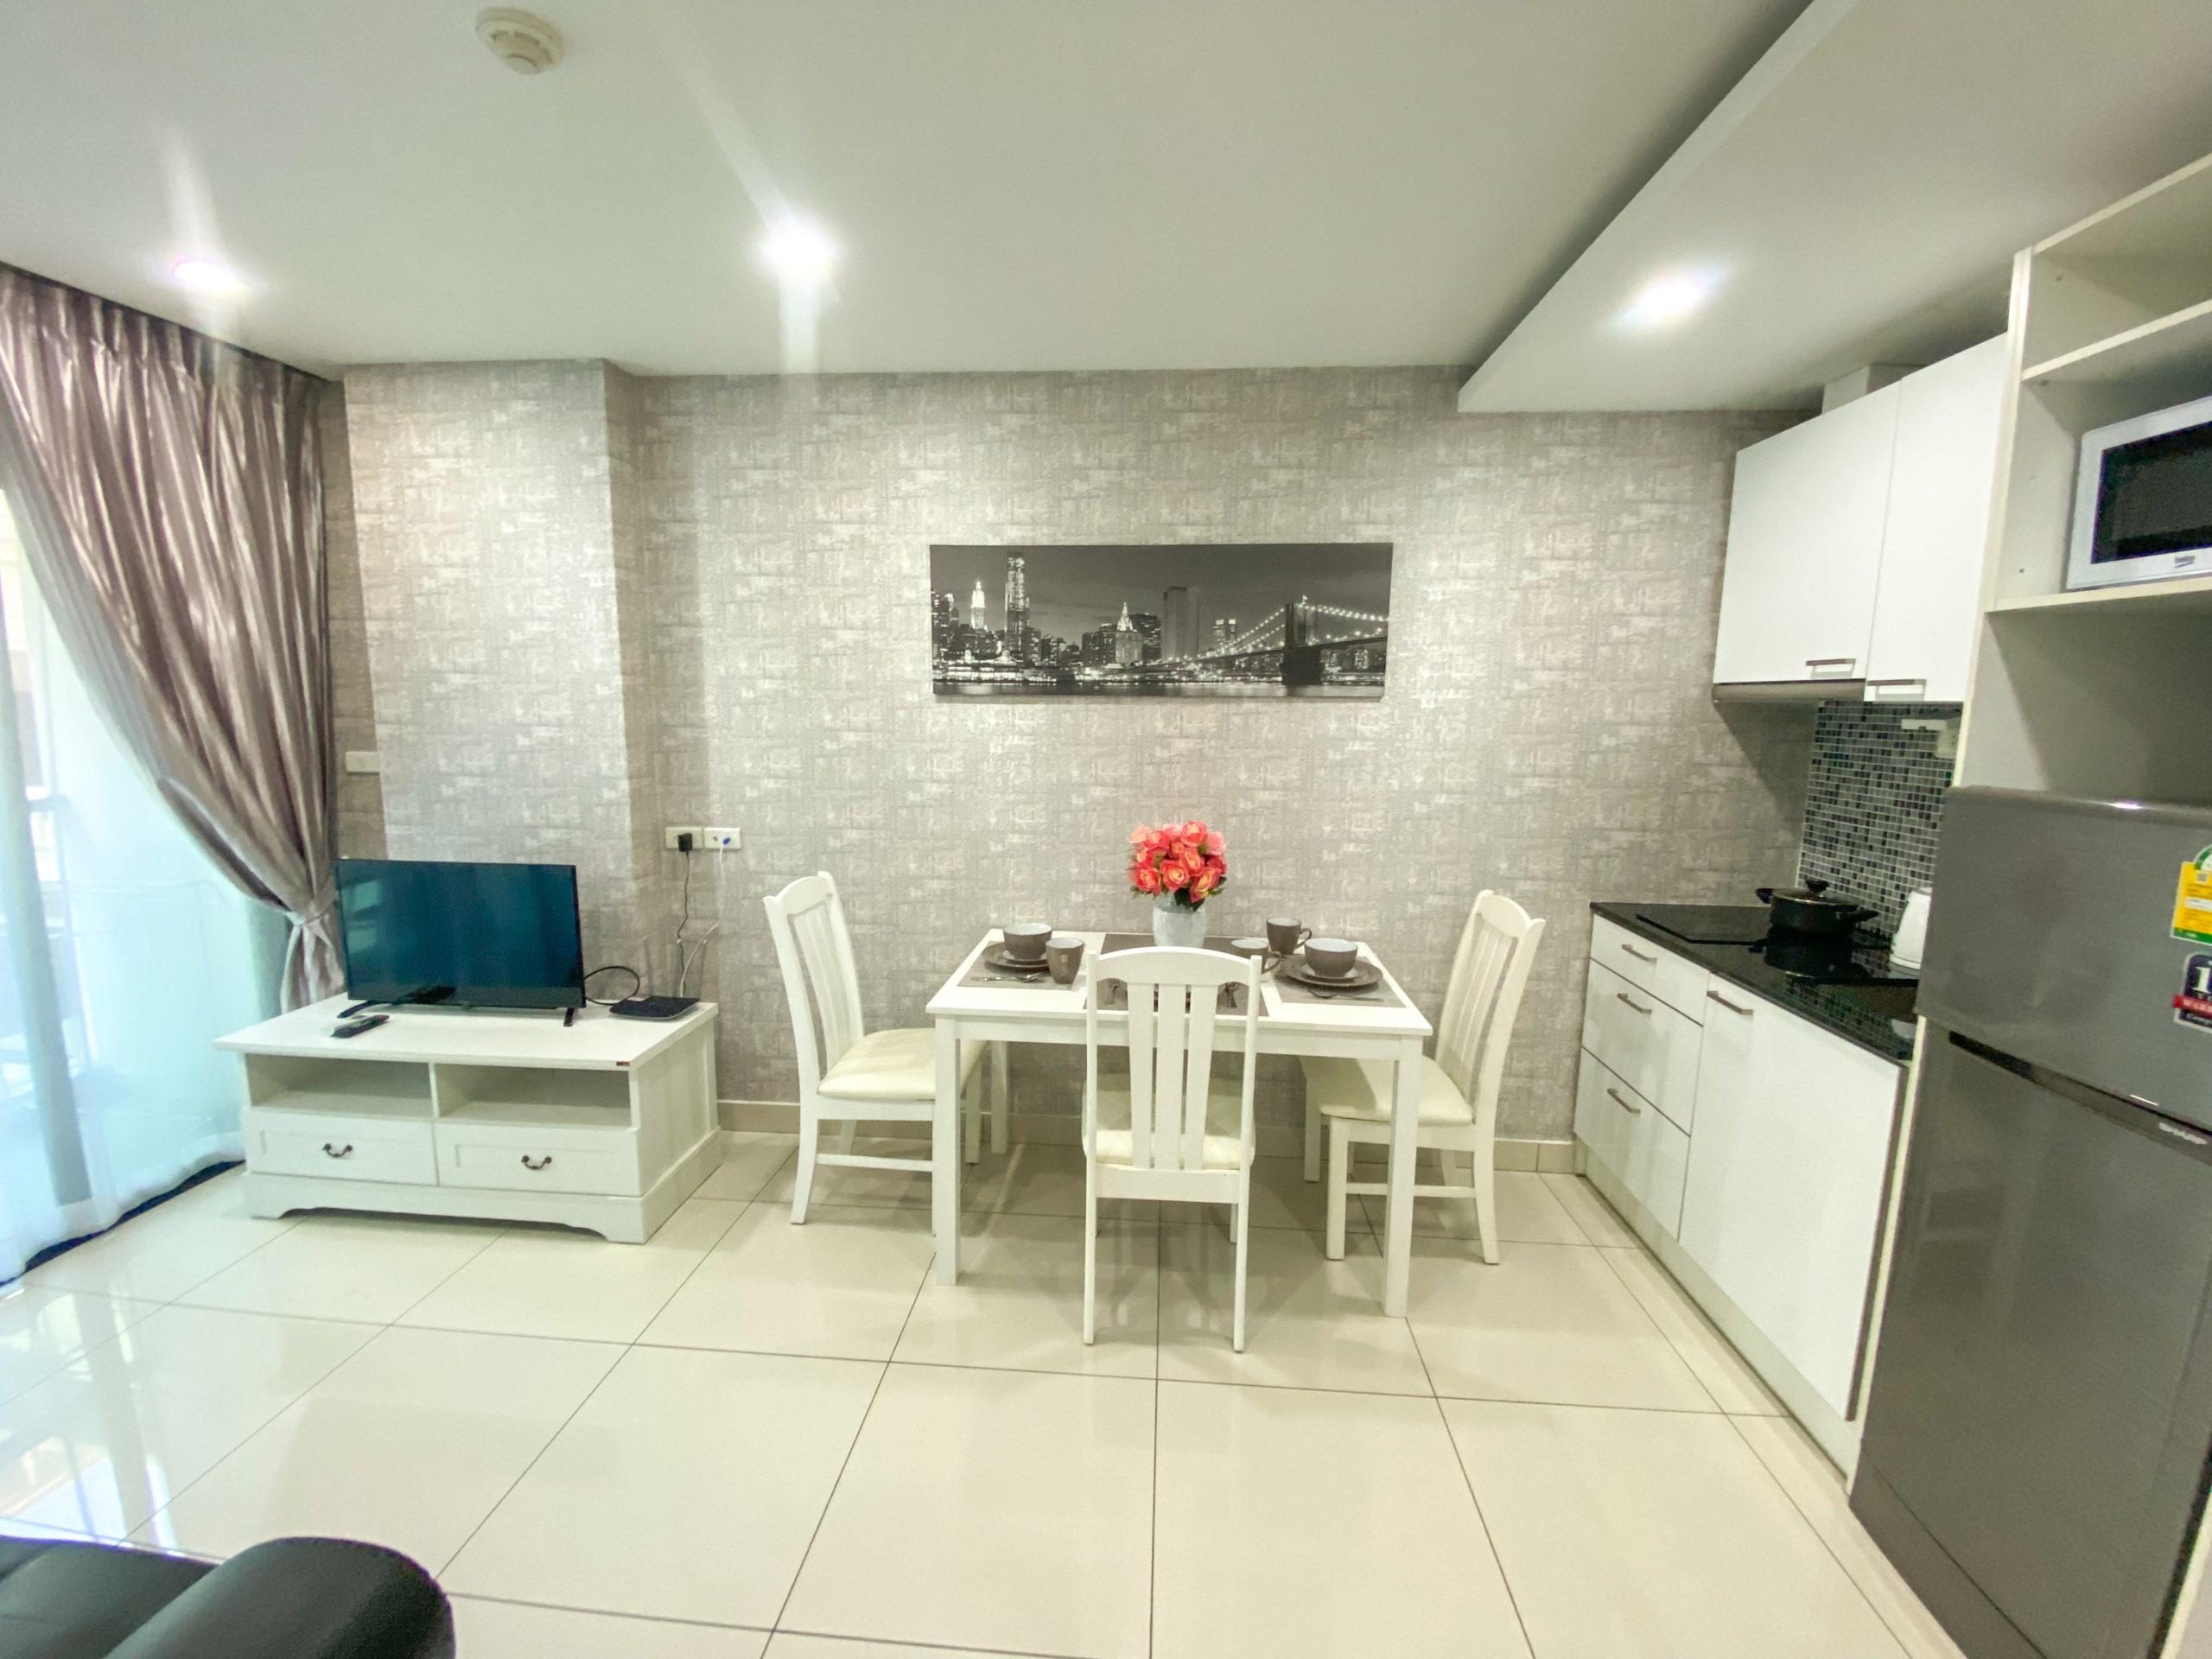 Продаётся новая, односпальная квартира, от финского застройщика, площадью 36 кв м, в Таиланде (г.Паттайя).